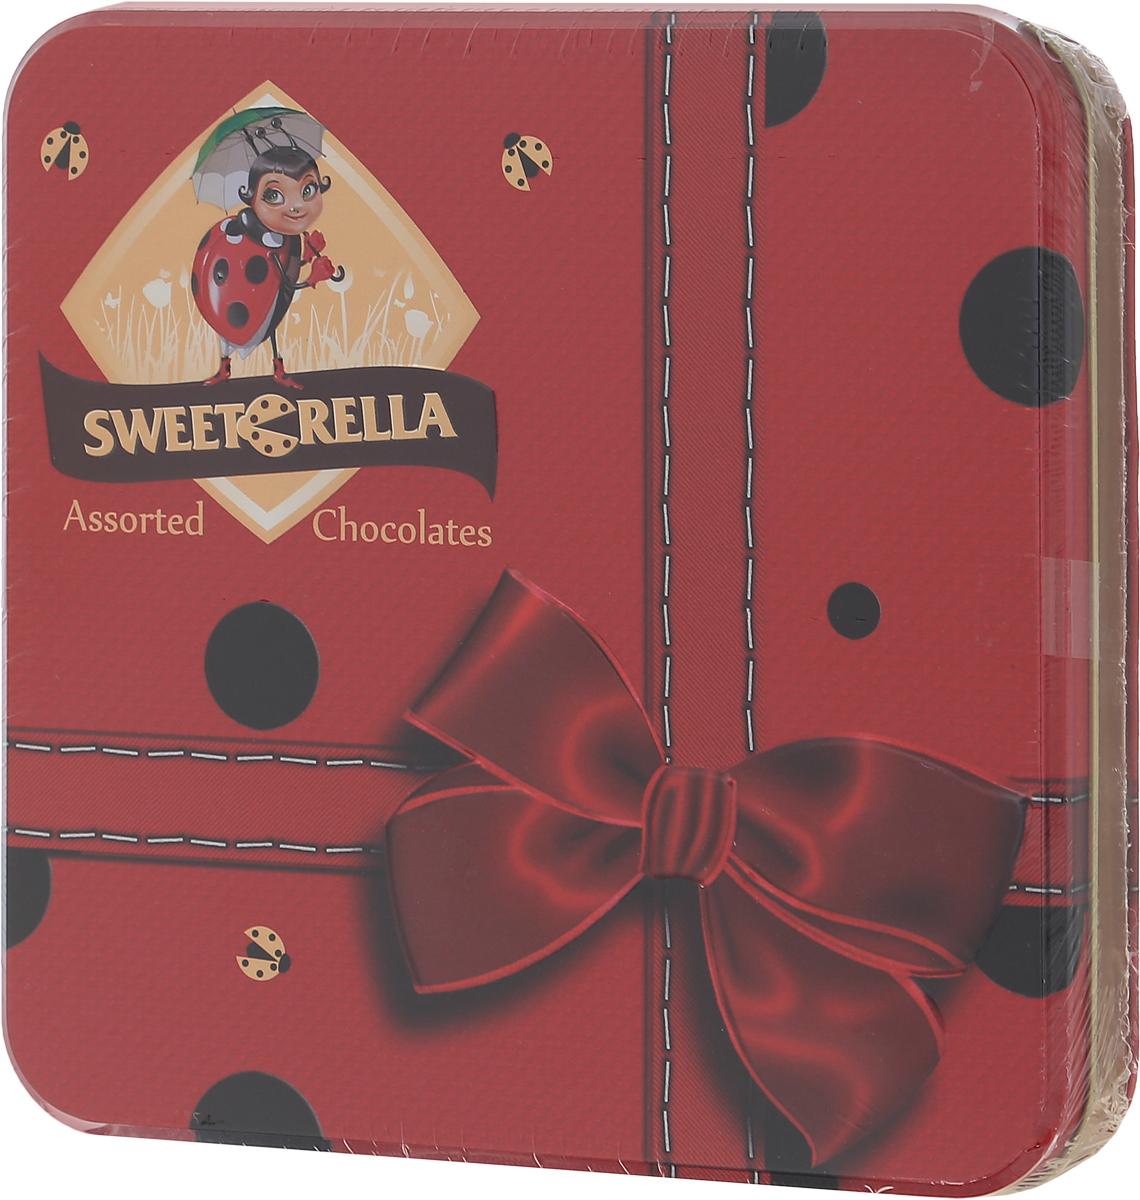 Sweeterella набор шоколадных конфет эксклюзив шоколадного ассорти, 193 г kinder mini mix подарочный набор 106 5 г